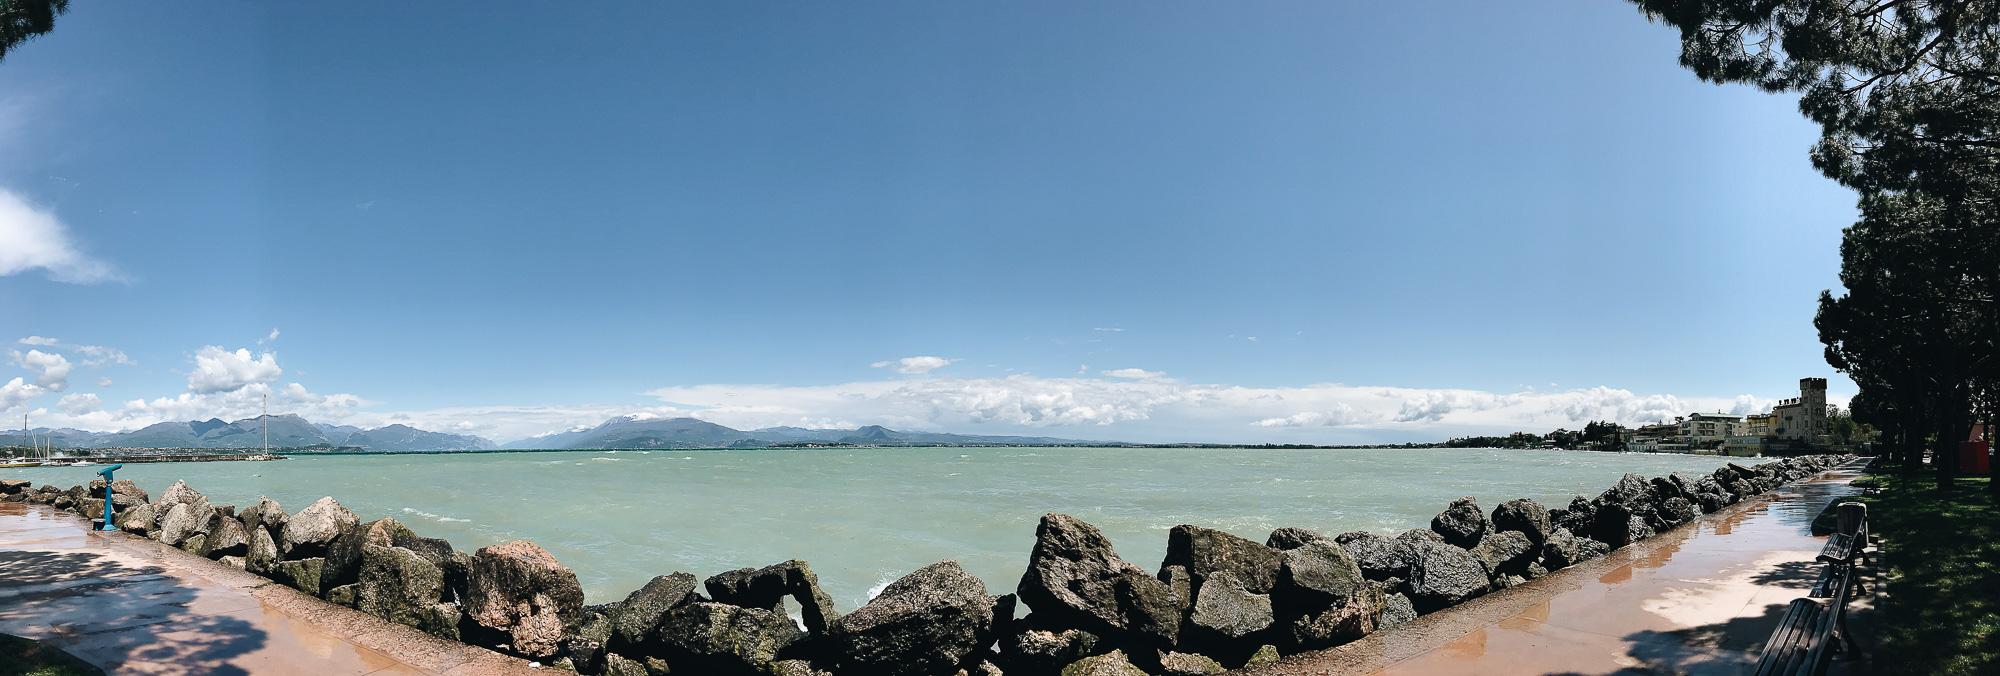 An iPhone Panorama photo of Deszensa.